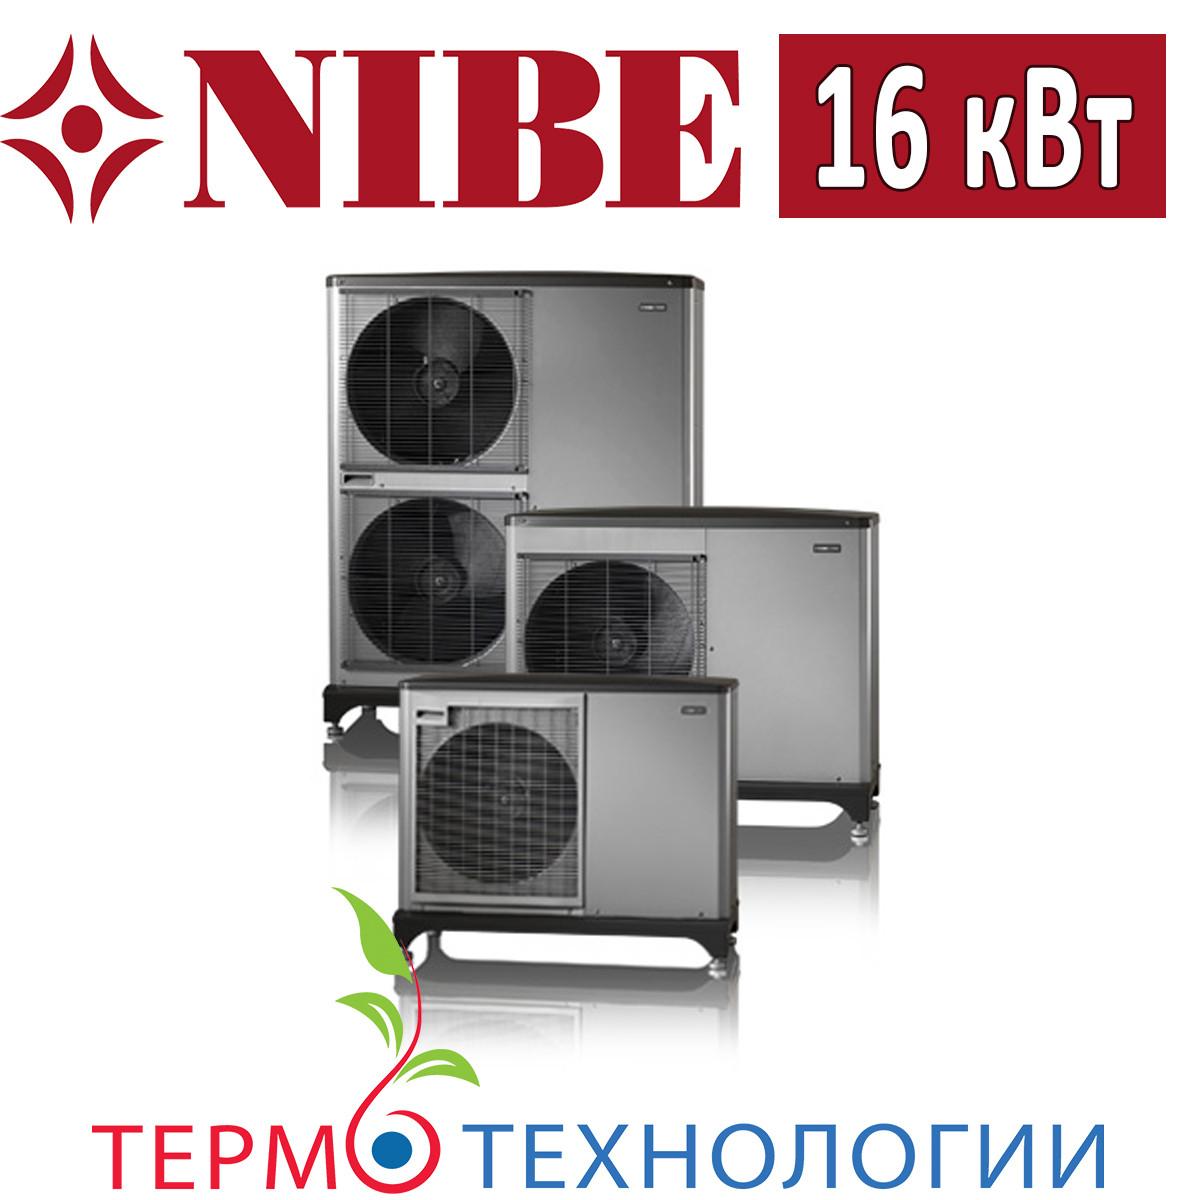 Тепловой насос воздух-вода Nibe F-2040 16 кВт